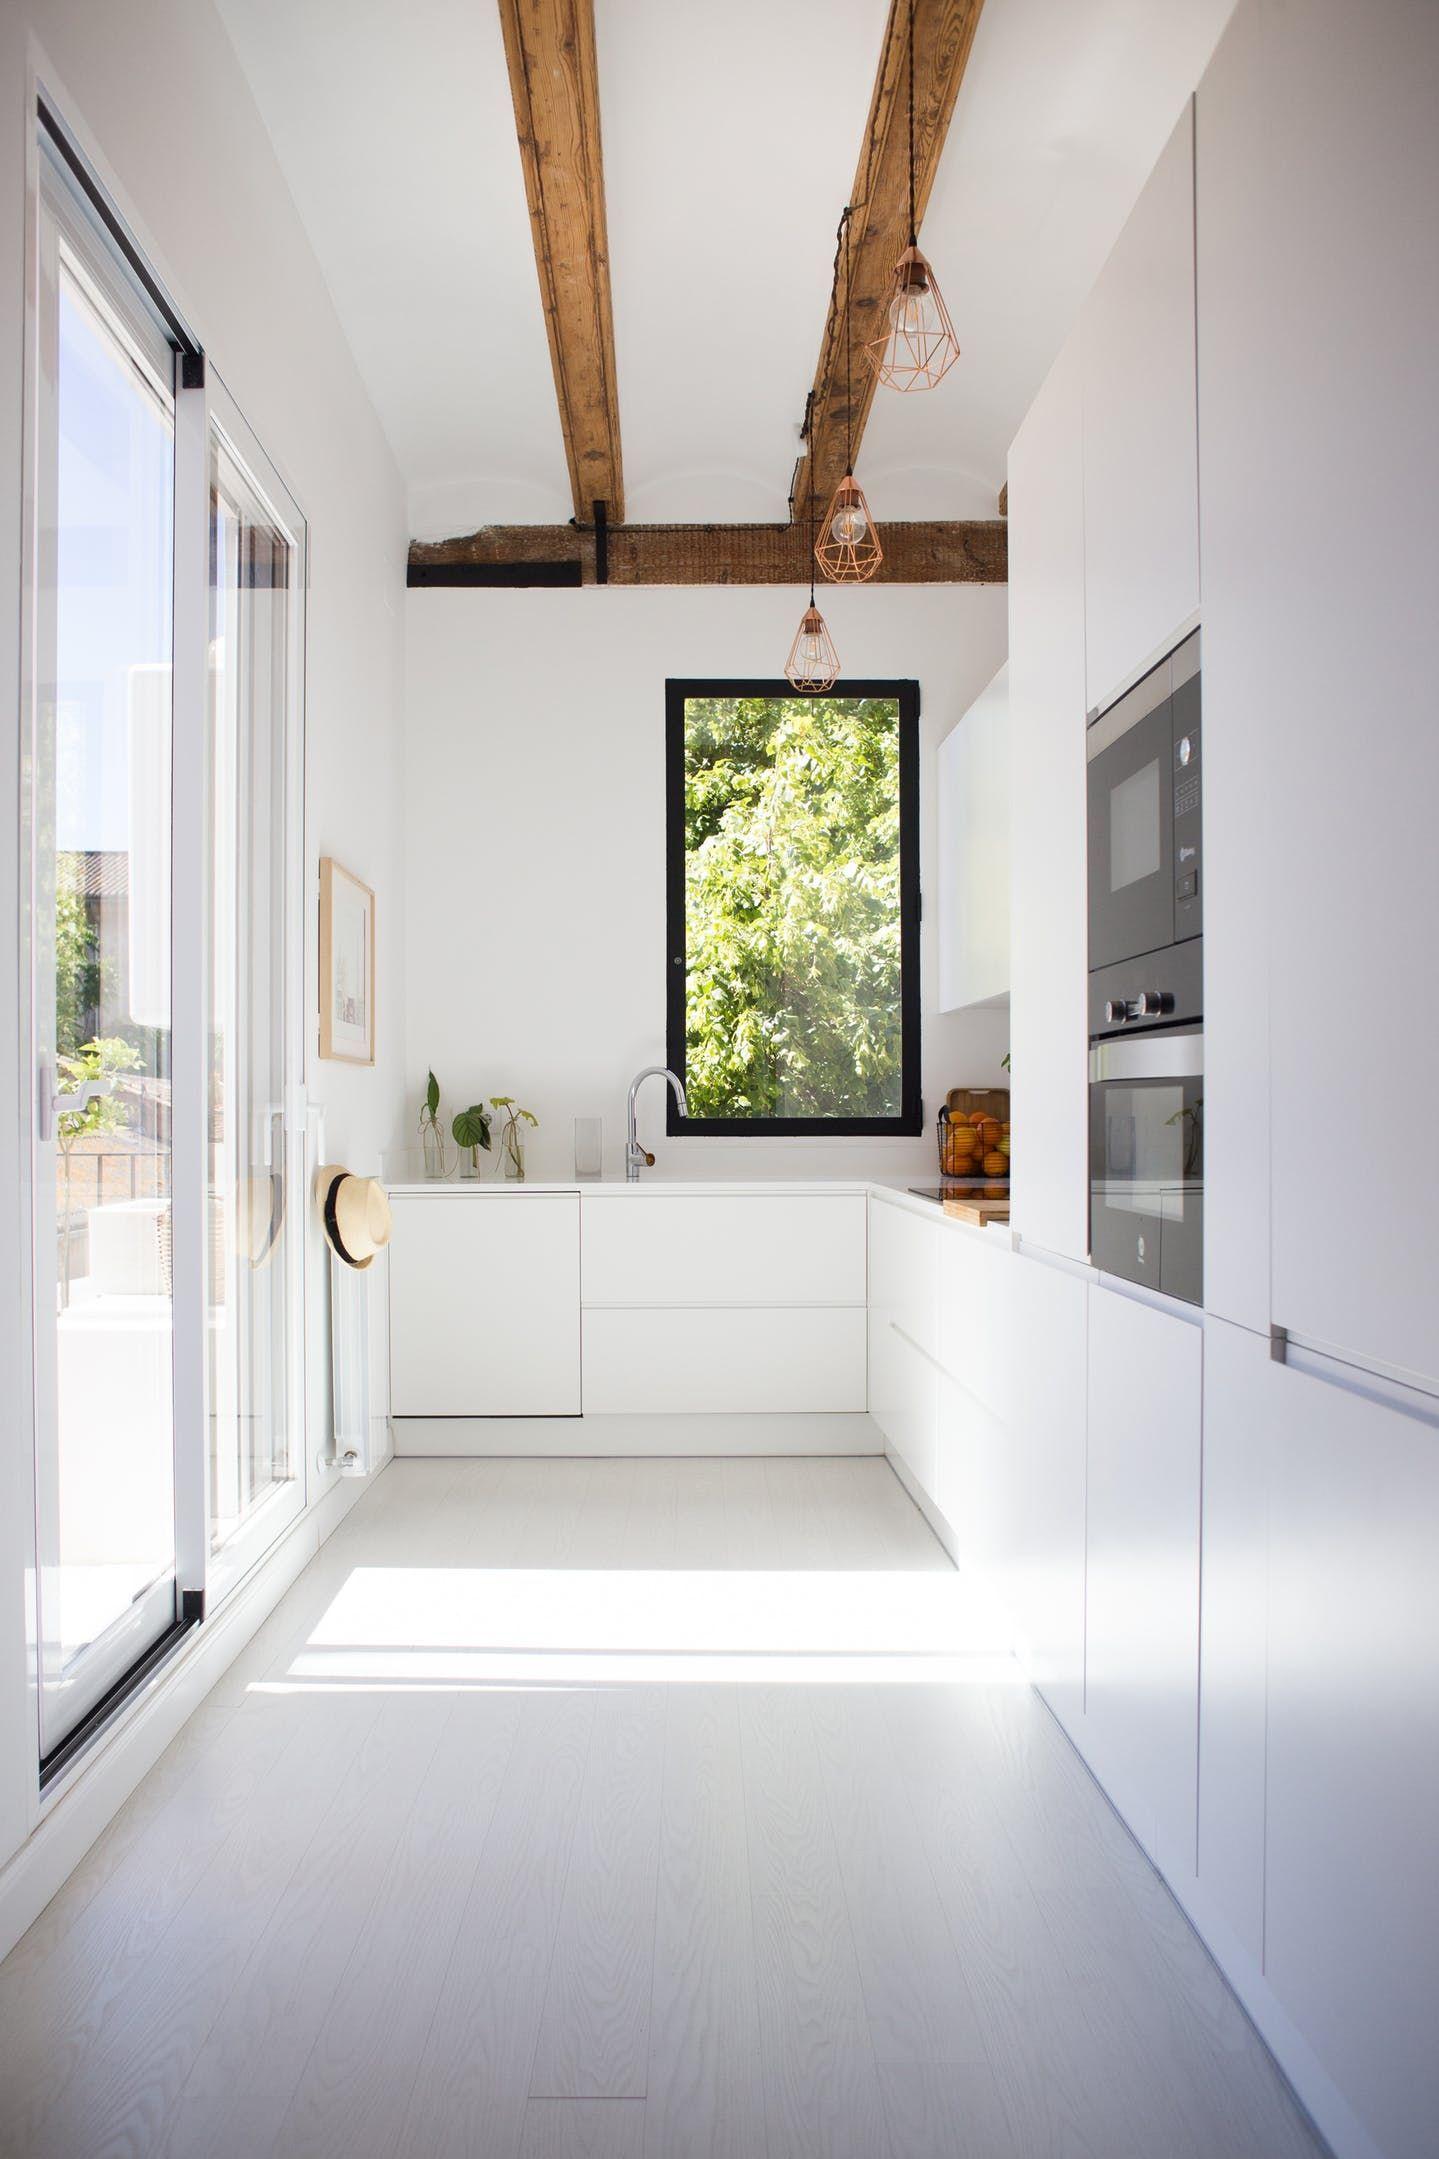 Innenarchitektur für küchenschrank white modern kitchen with exposed beams  kitchen  pinterest  haus